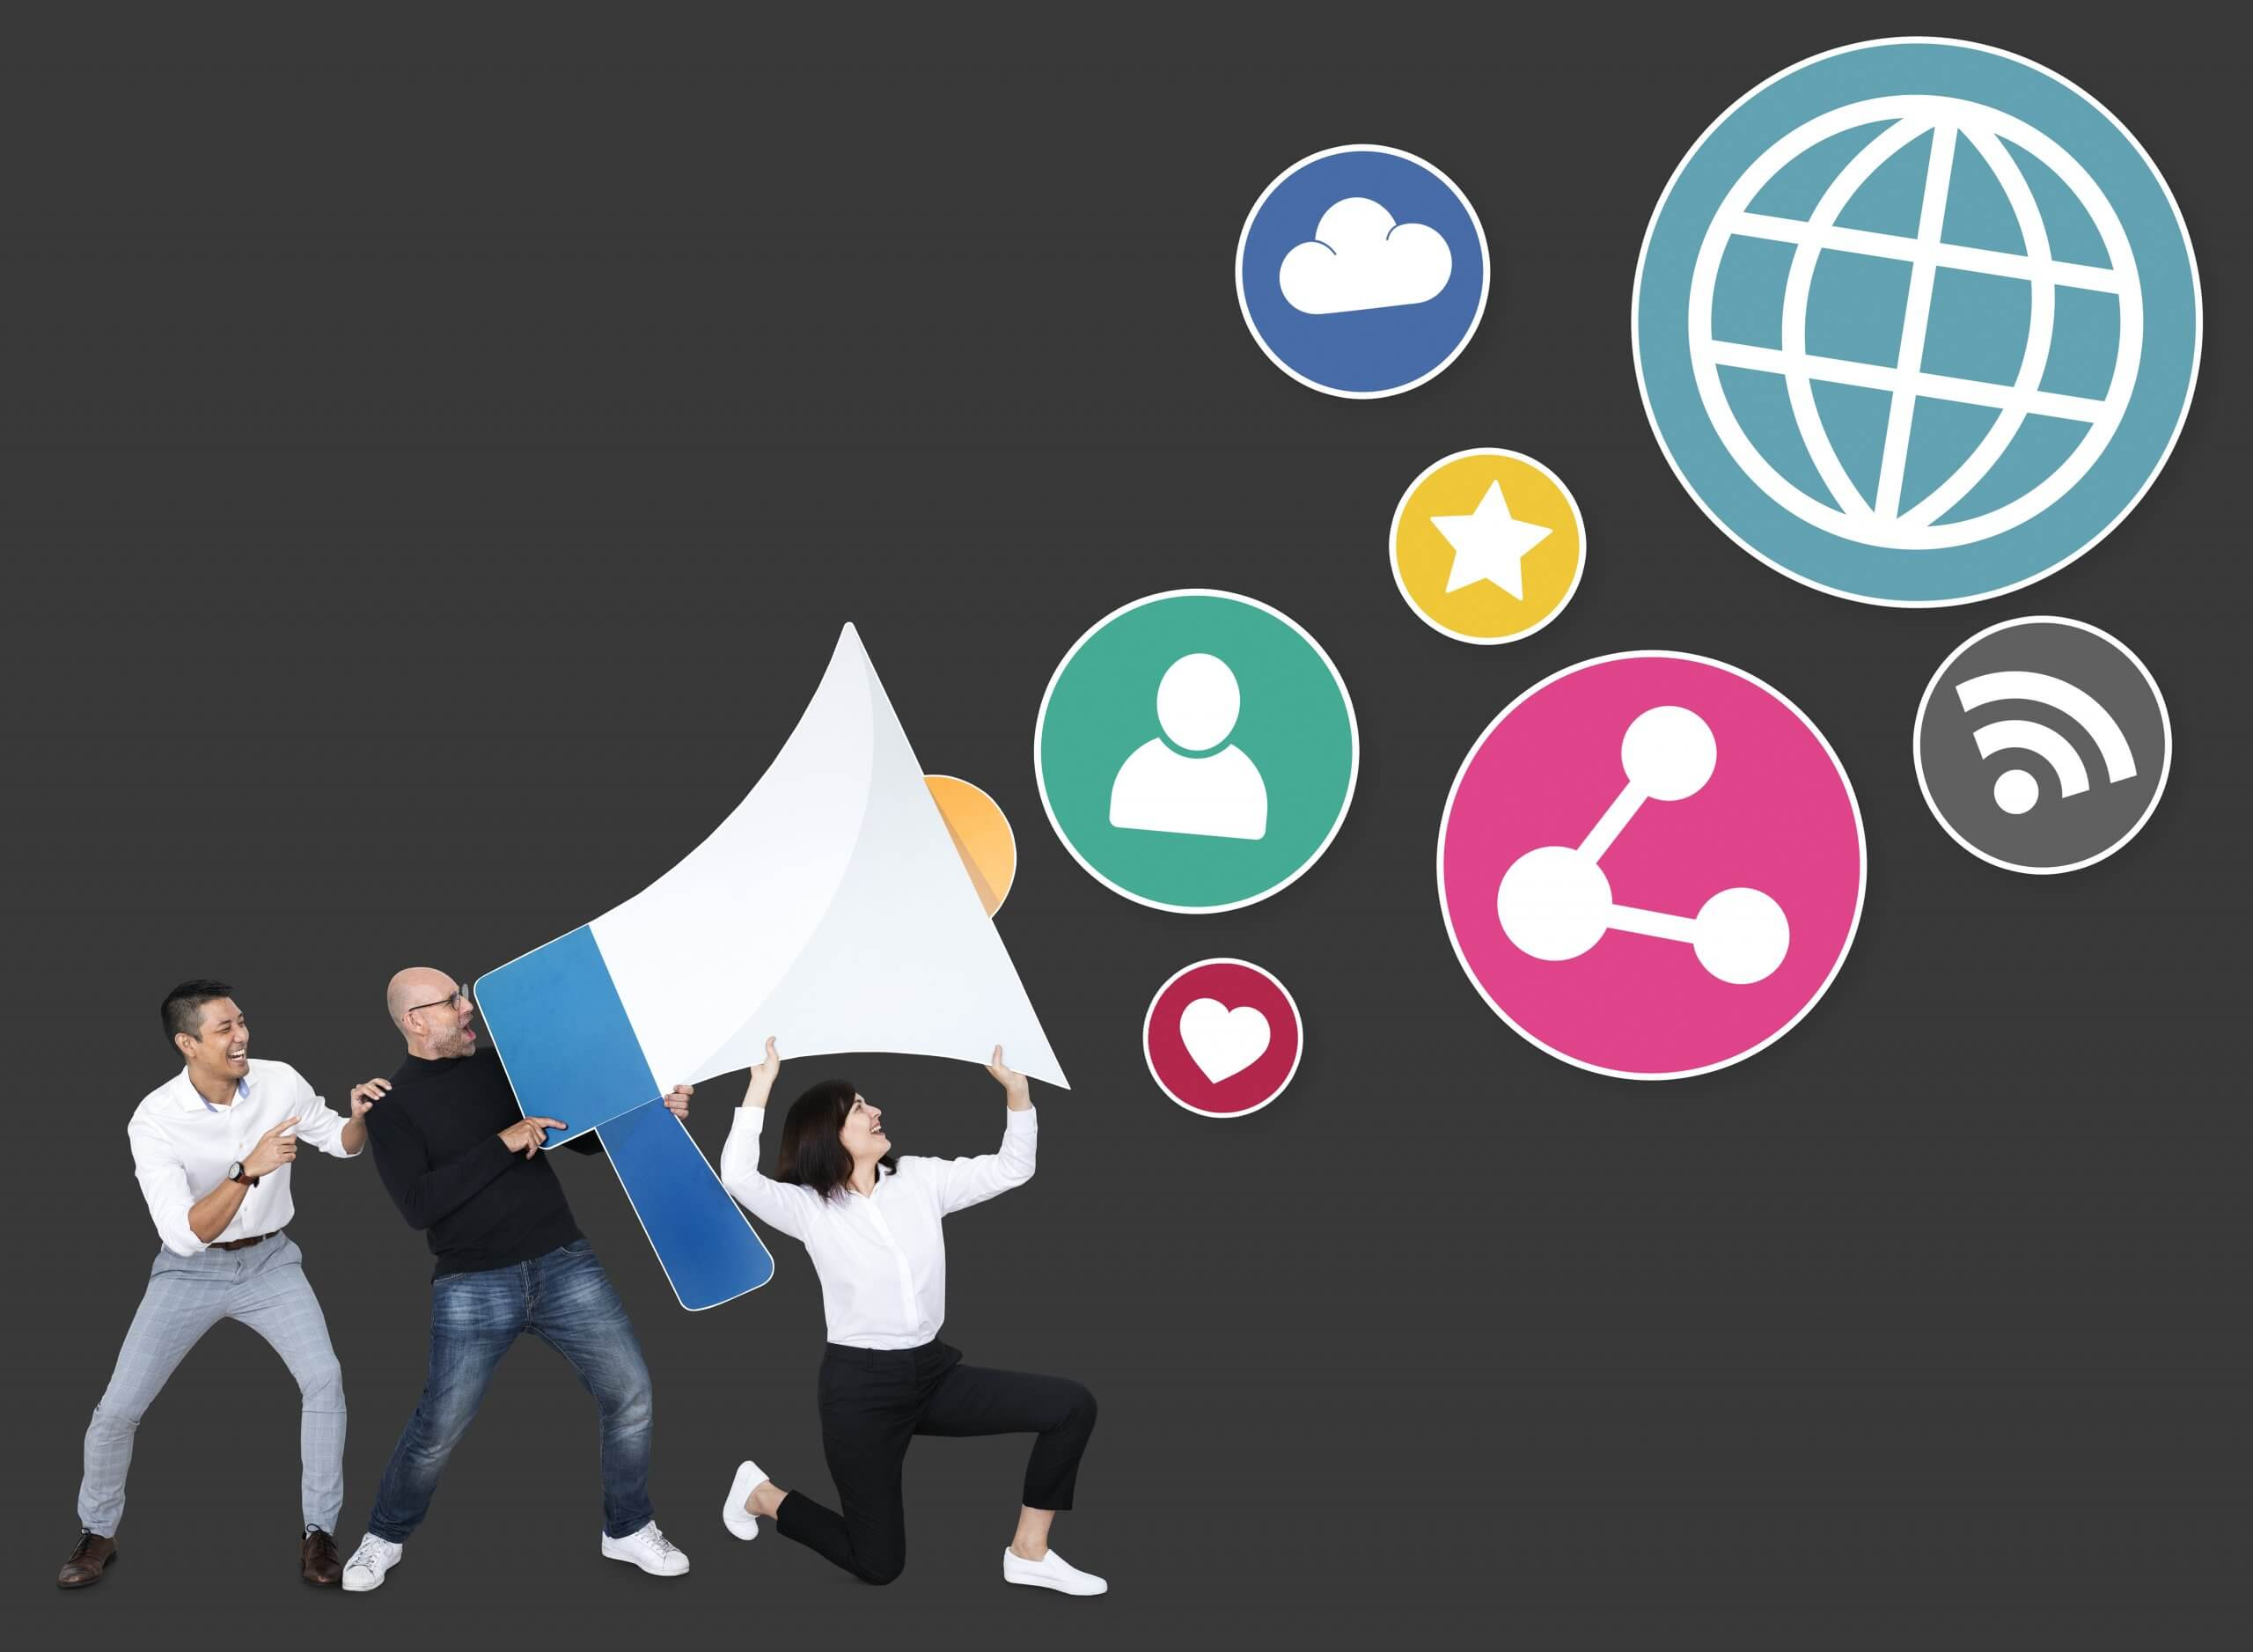 Agencia de Medios Publicitarios: ¿Qué es y cómo aprovecharla?